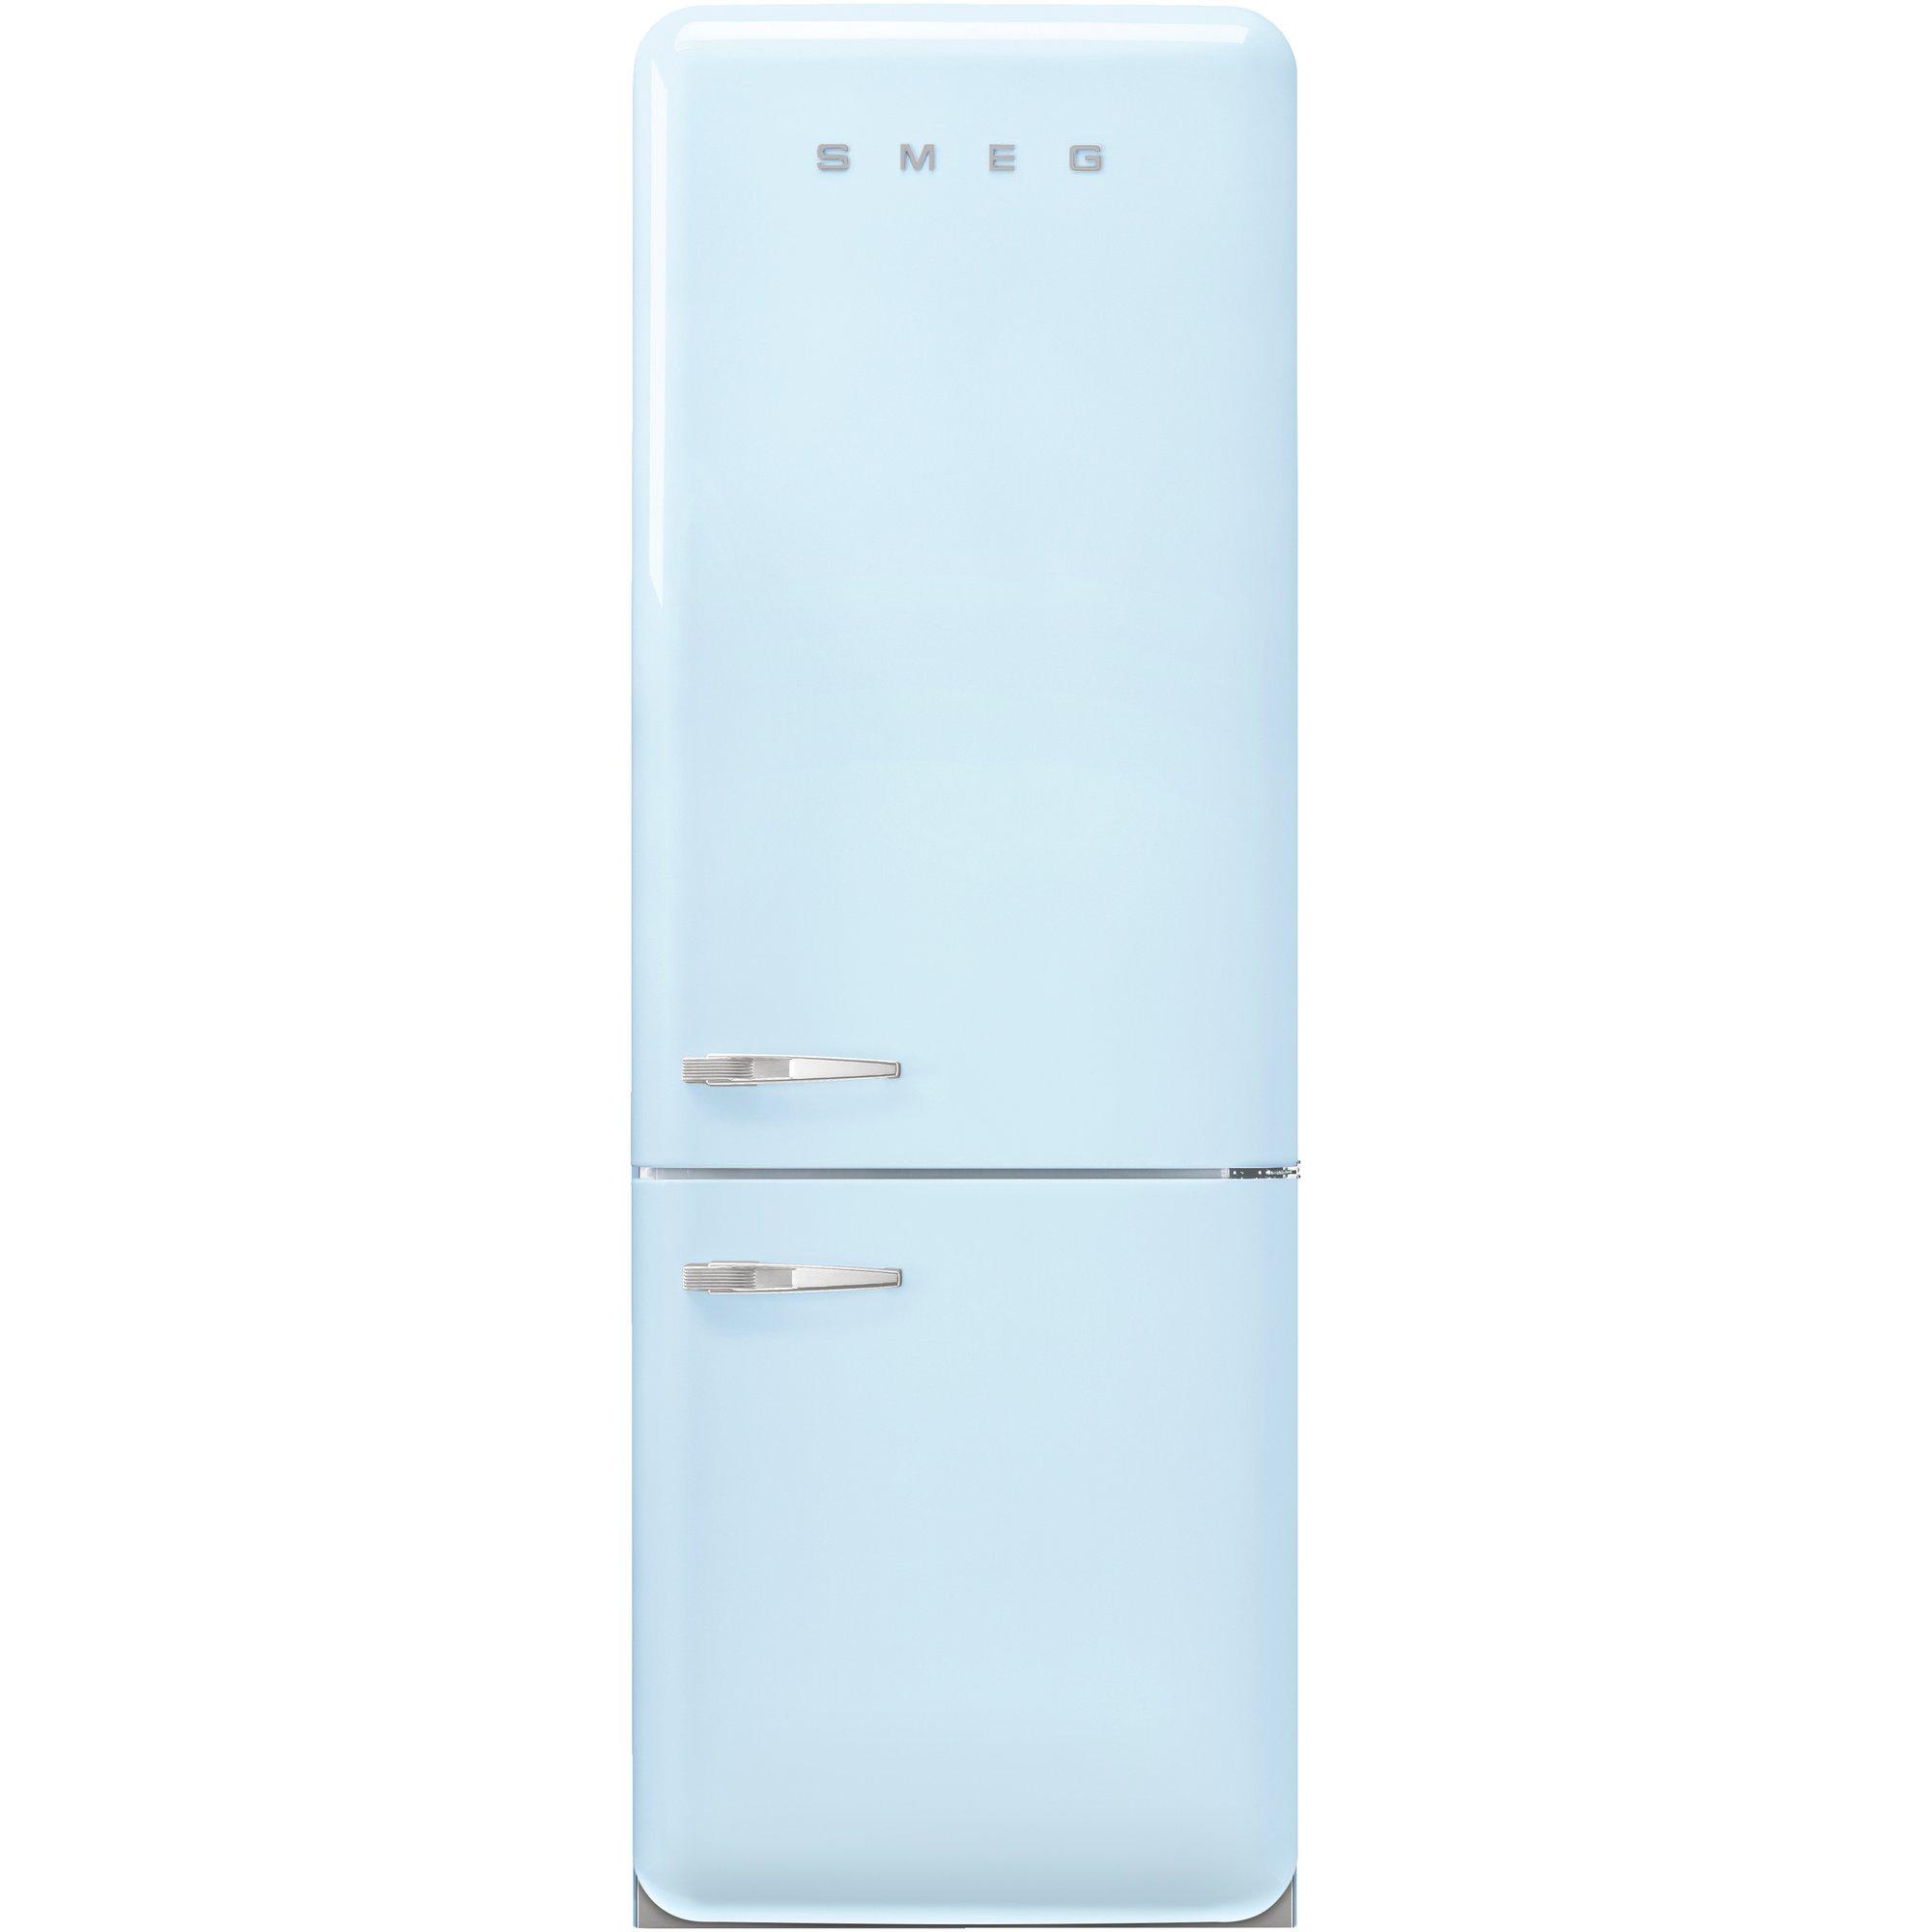 Smeg FAB38RPB5 køle-/fryseskab, pastelblå